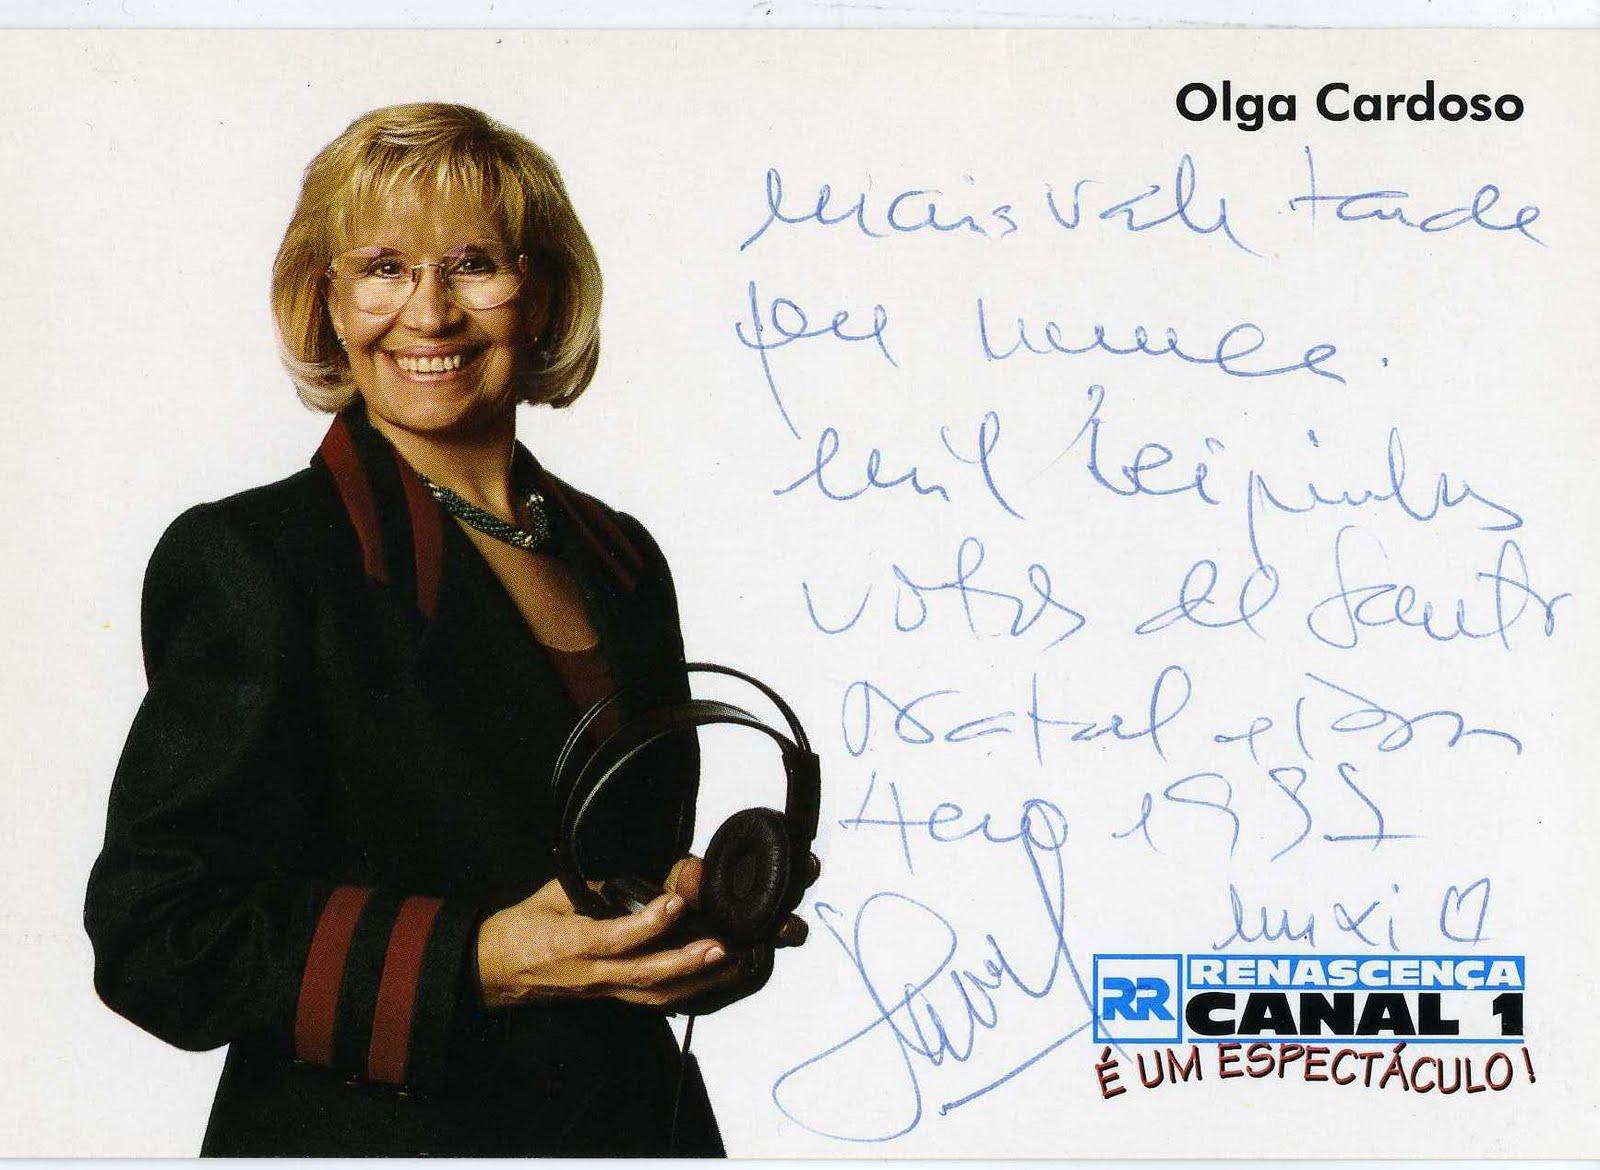 http://2.bp.blogspot.com/_noo5SOy9-Gk/S7CwMShKs9I/AAAAAAAAAyc/axUCN3fljZ8/s1600/Olga+Cardoso_(Locutora+da+Rádio).jpg